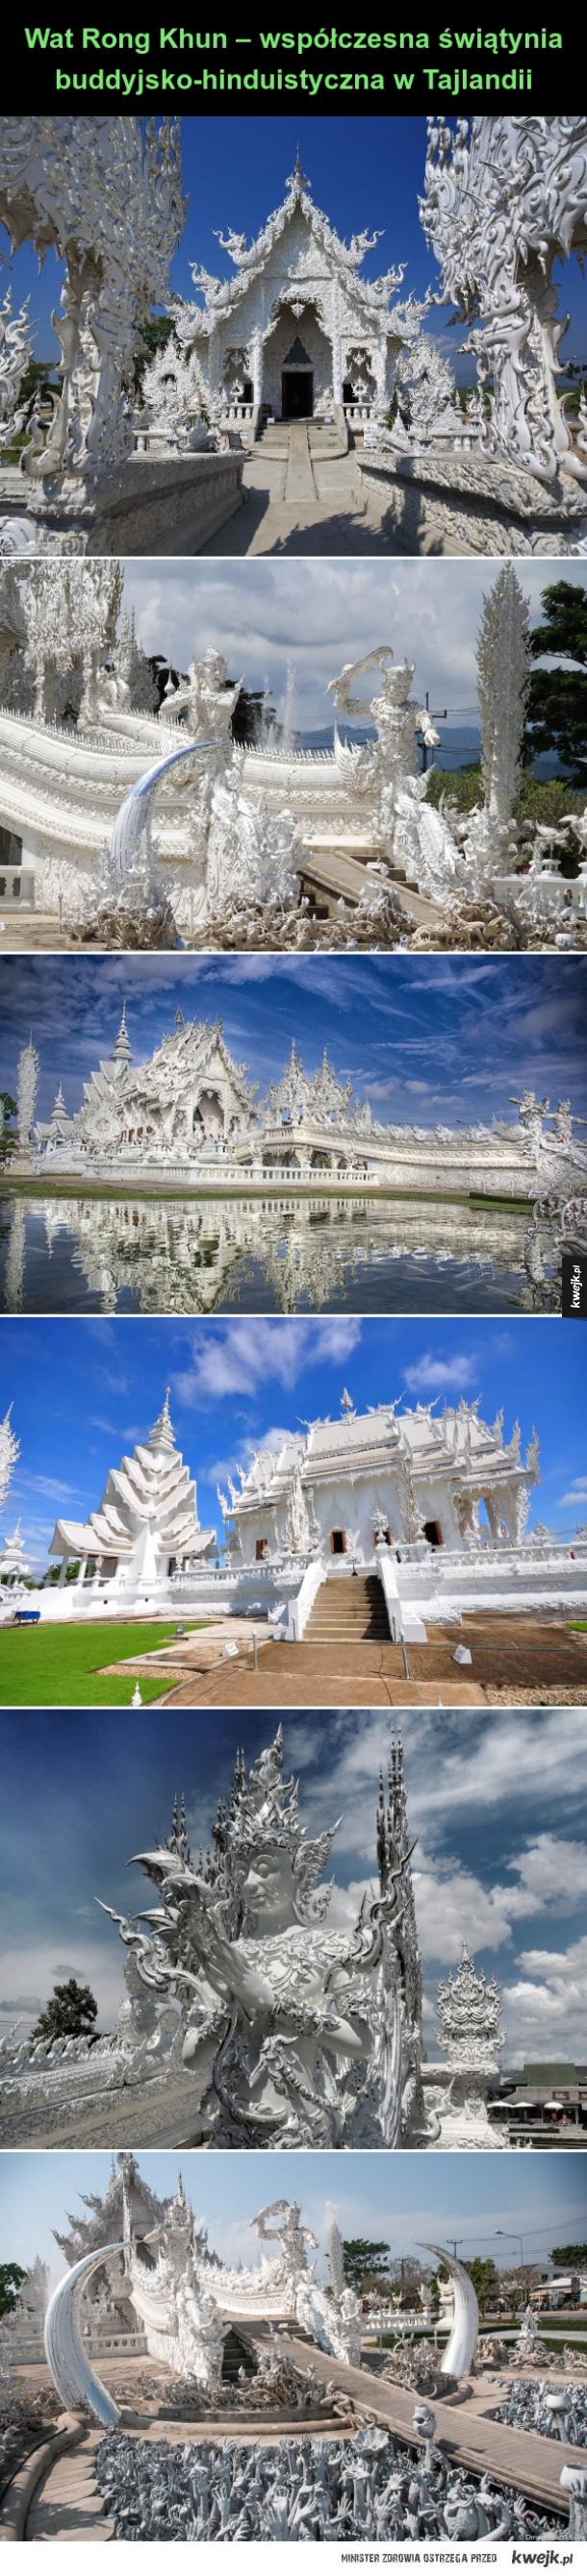 miejscowość Chiang Rai